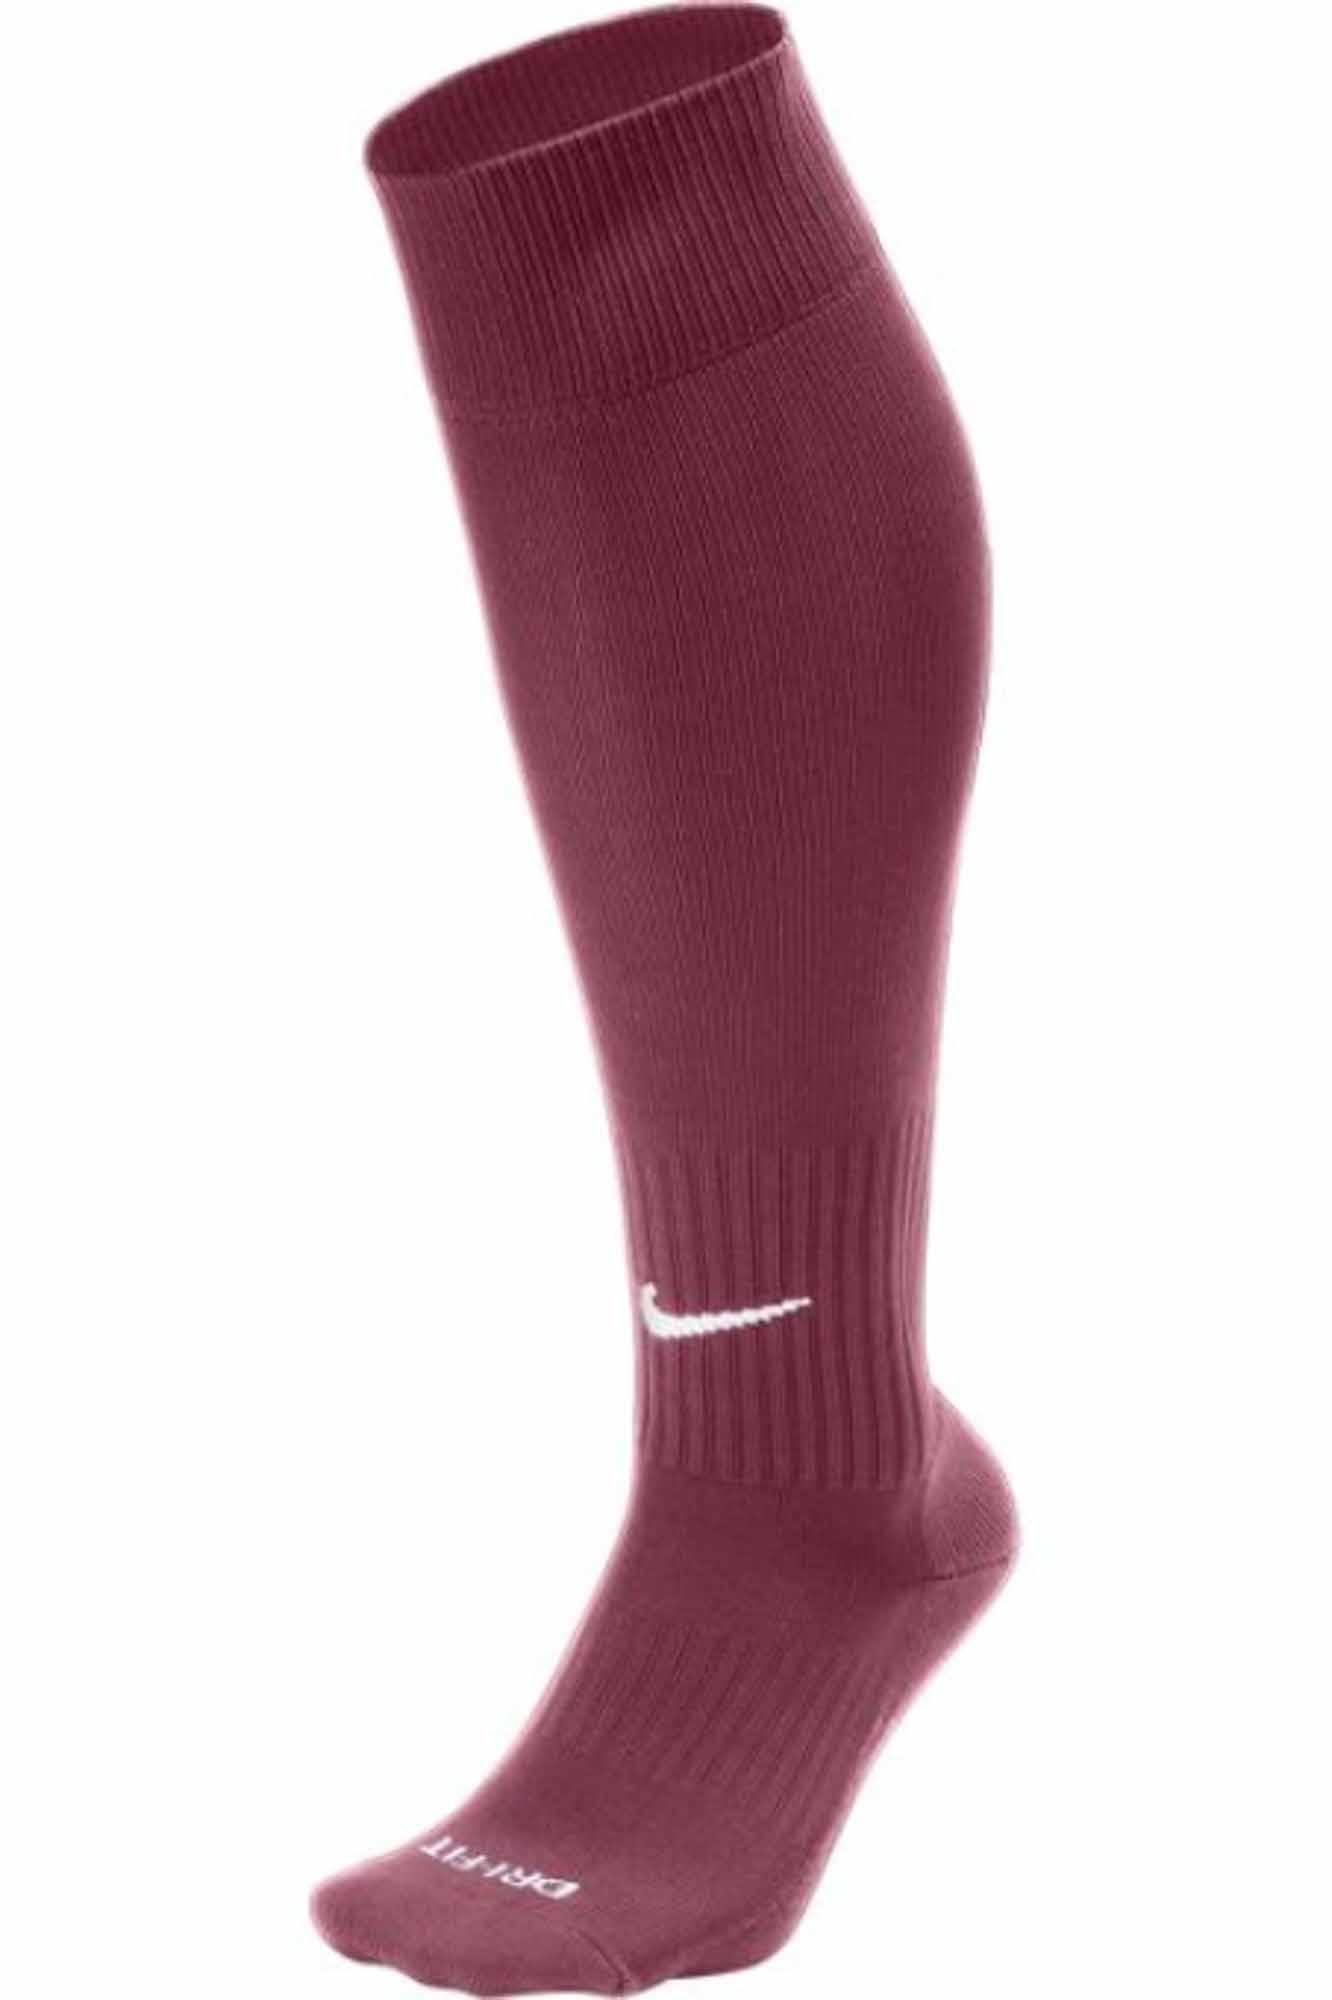 Socks Size Classic Maroon Nike S Ii white Sx5728677 Team TWRgxx6qaw